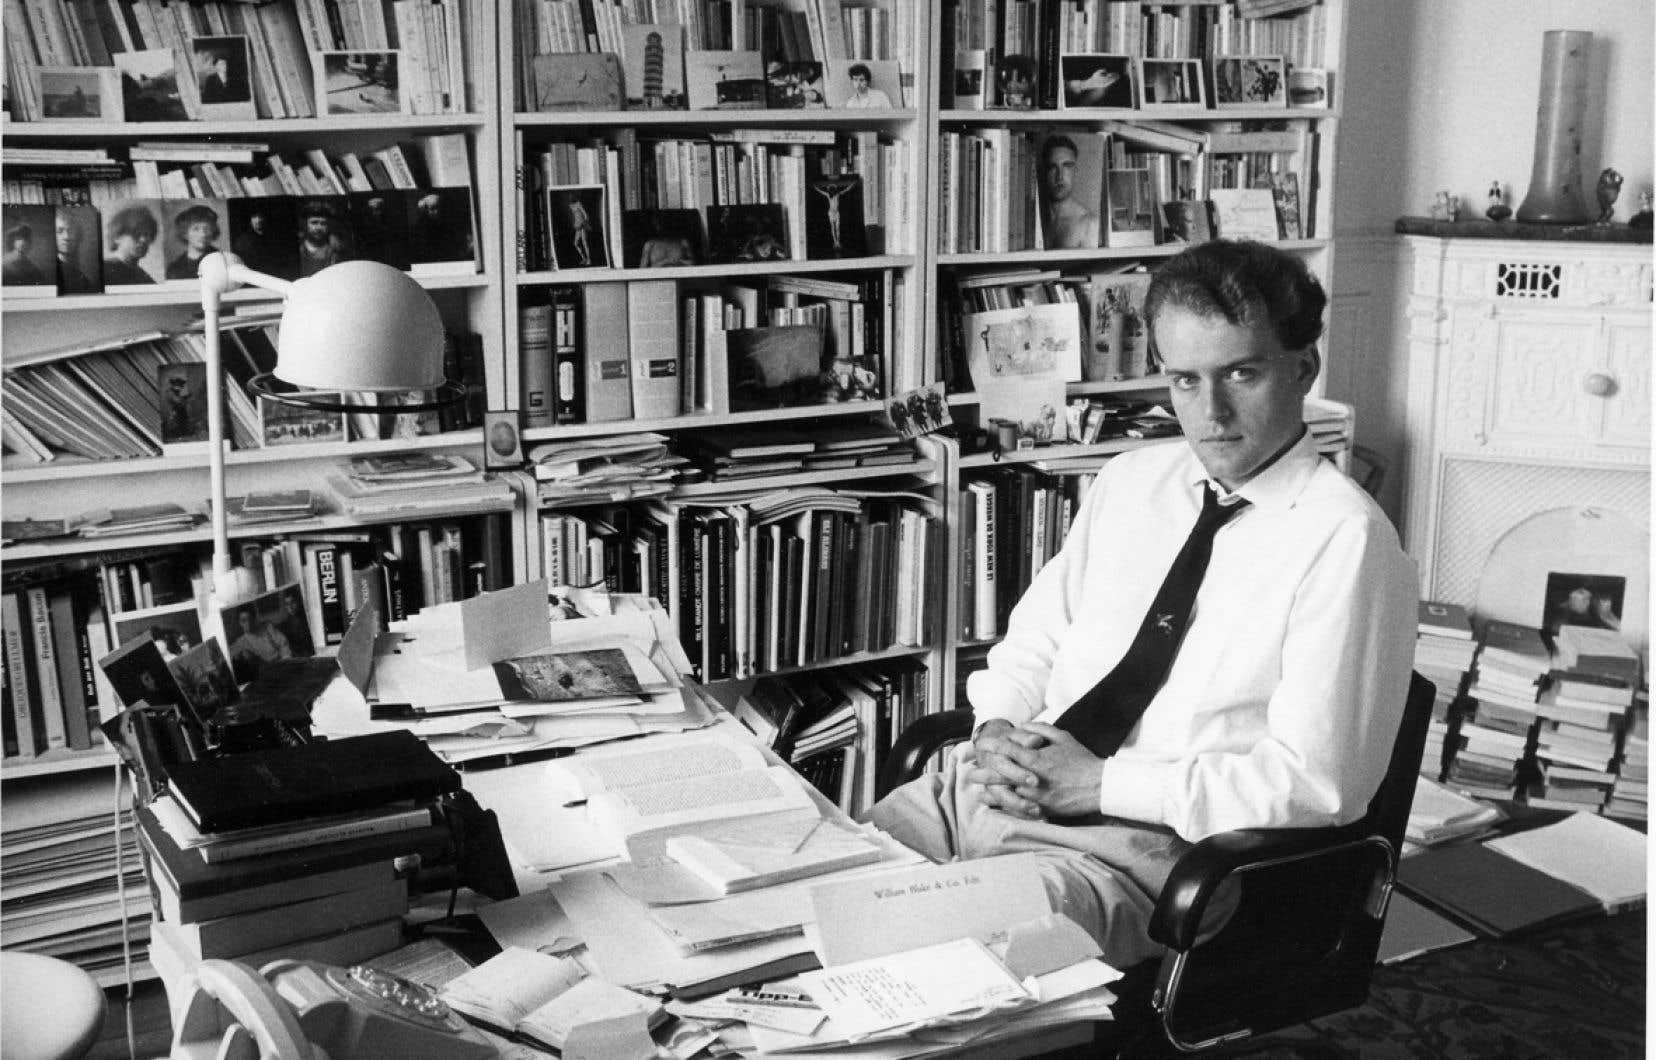 L'écrivain et journaliste français Hervé Guibert a été emporté par le sida en décembre 1991. On le voit ici en 1985.